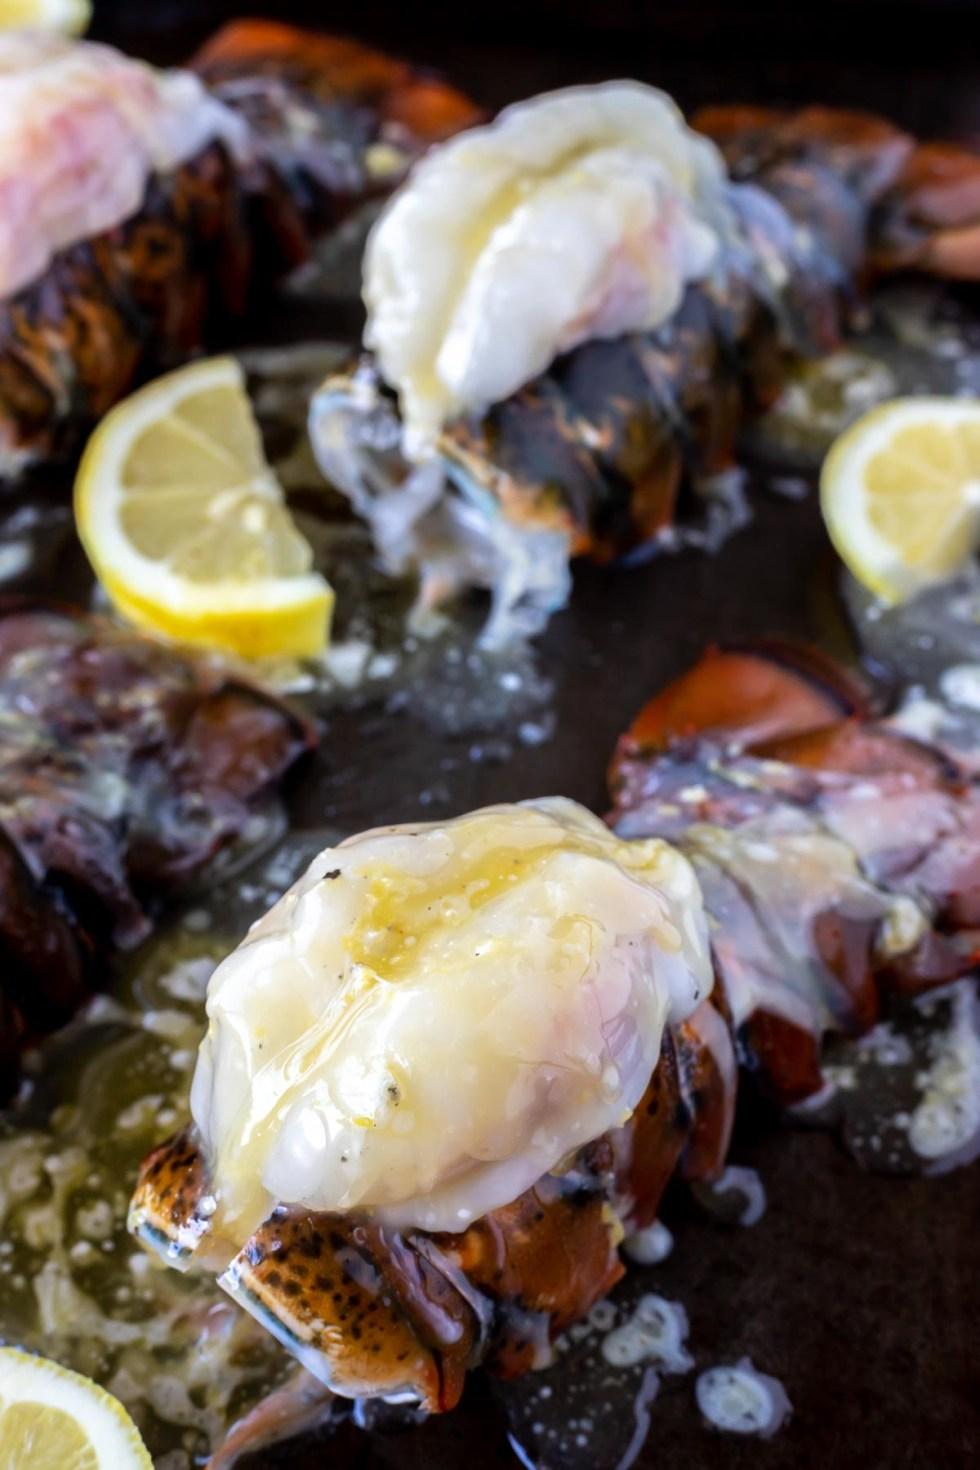 prepped buttery lobster and lemons on rimmed baking sheet